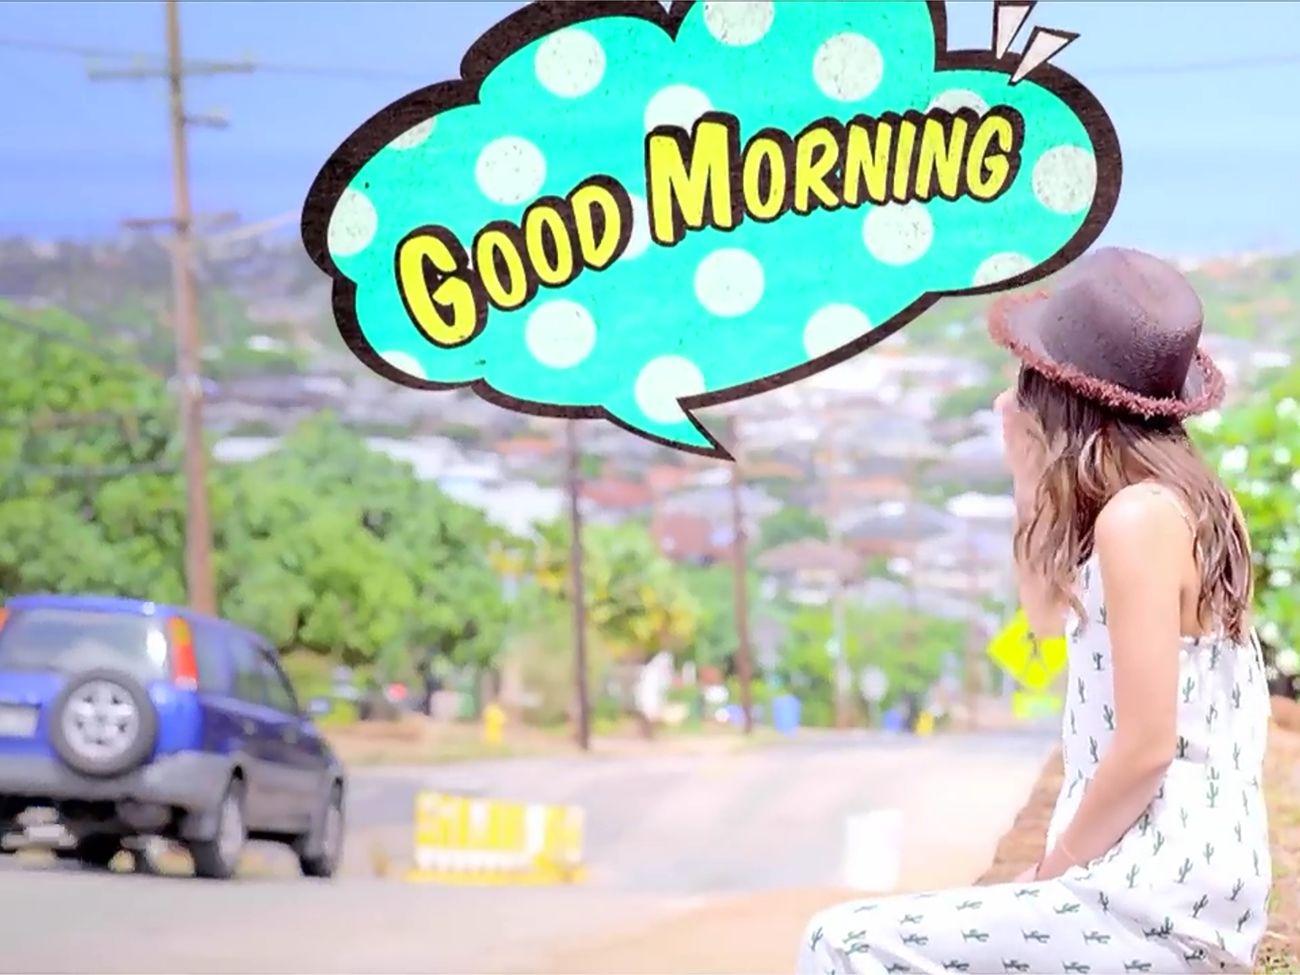 おはようございまーす さこの曲聞て がんばりまーす Hava A Nice Bay 西野カナ 笑顔でいこーね 美里 おはようもーにんぐ